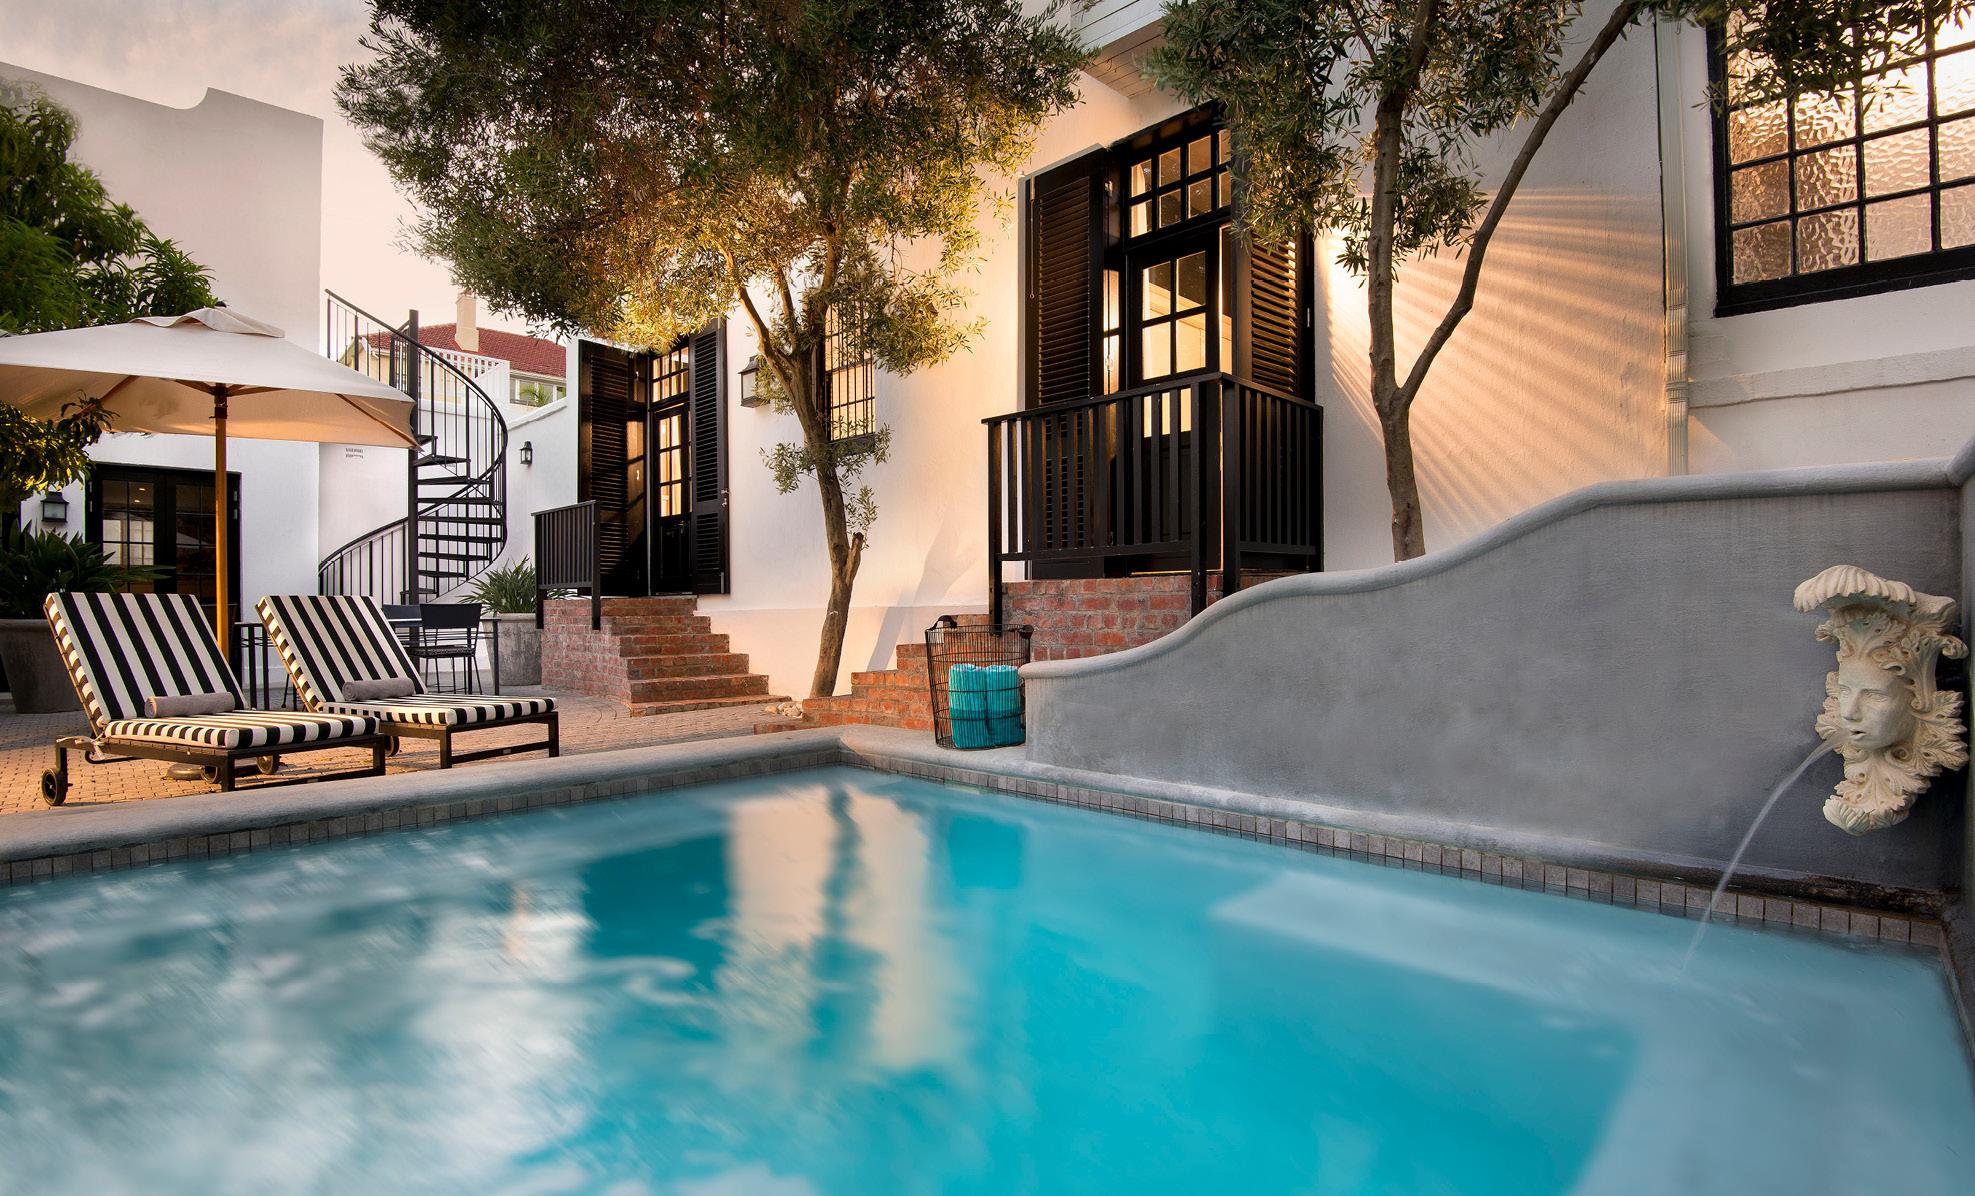 Cape Town hidden gem cape cadogan pool